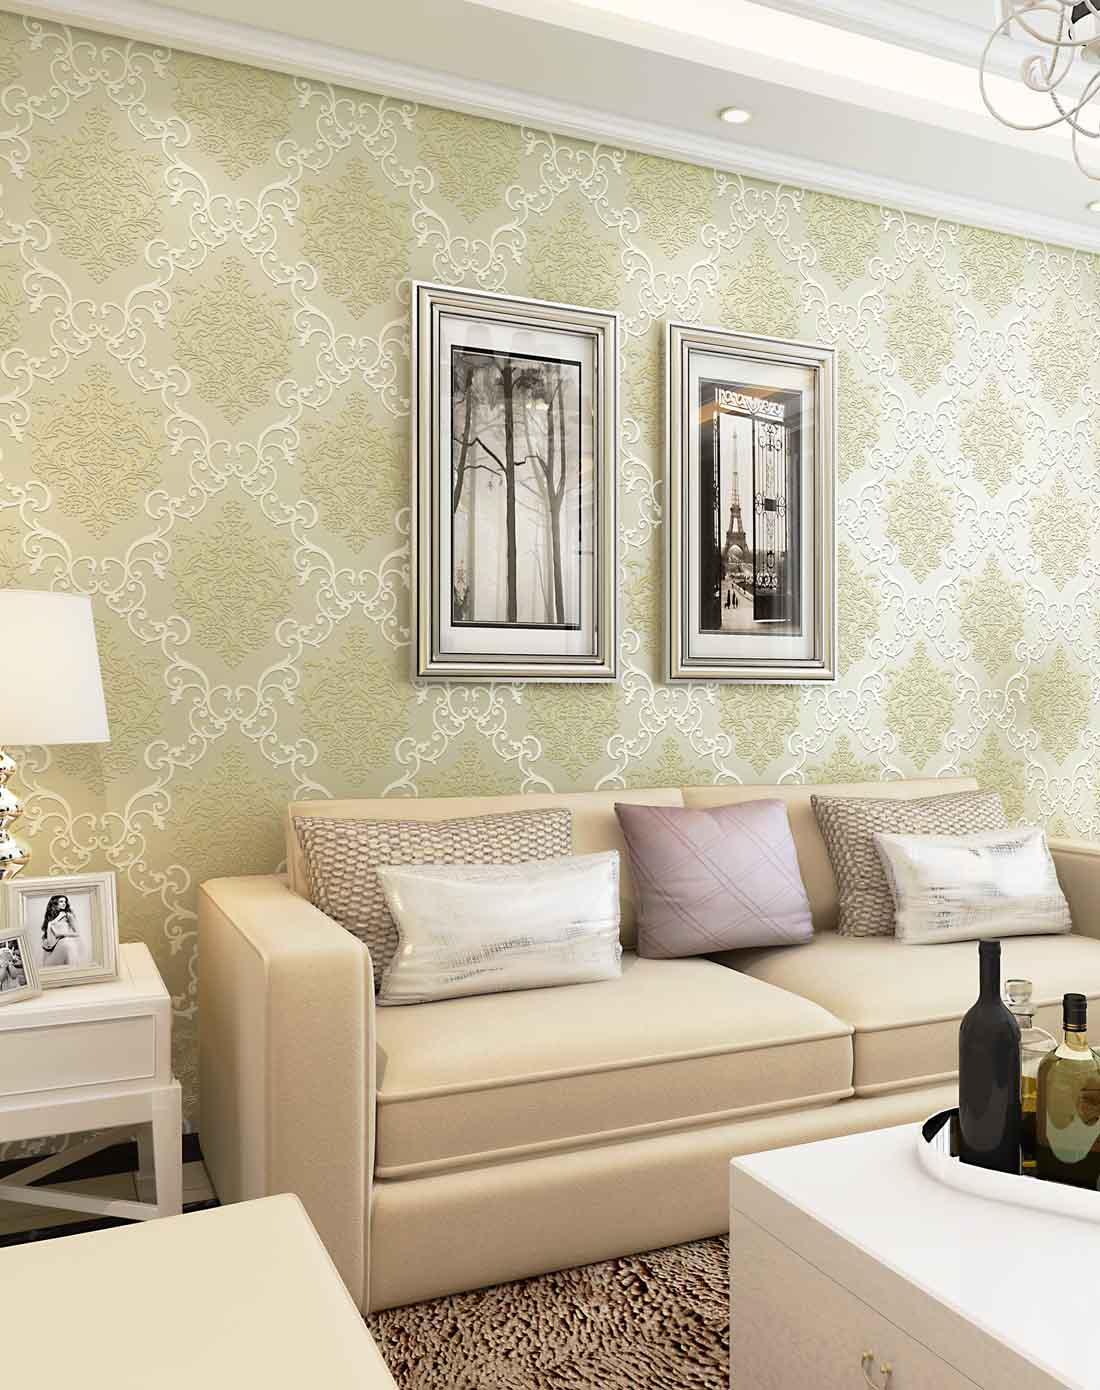 旗航大马士革欧式卧室背景墙壁纸